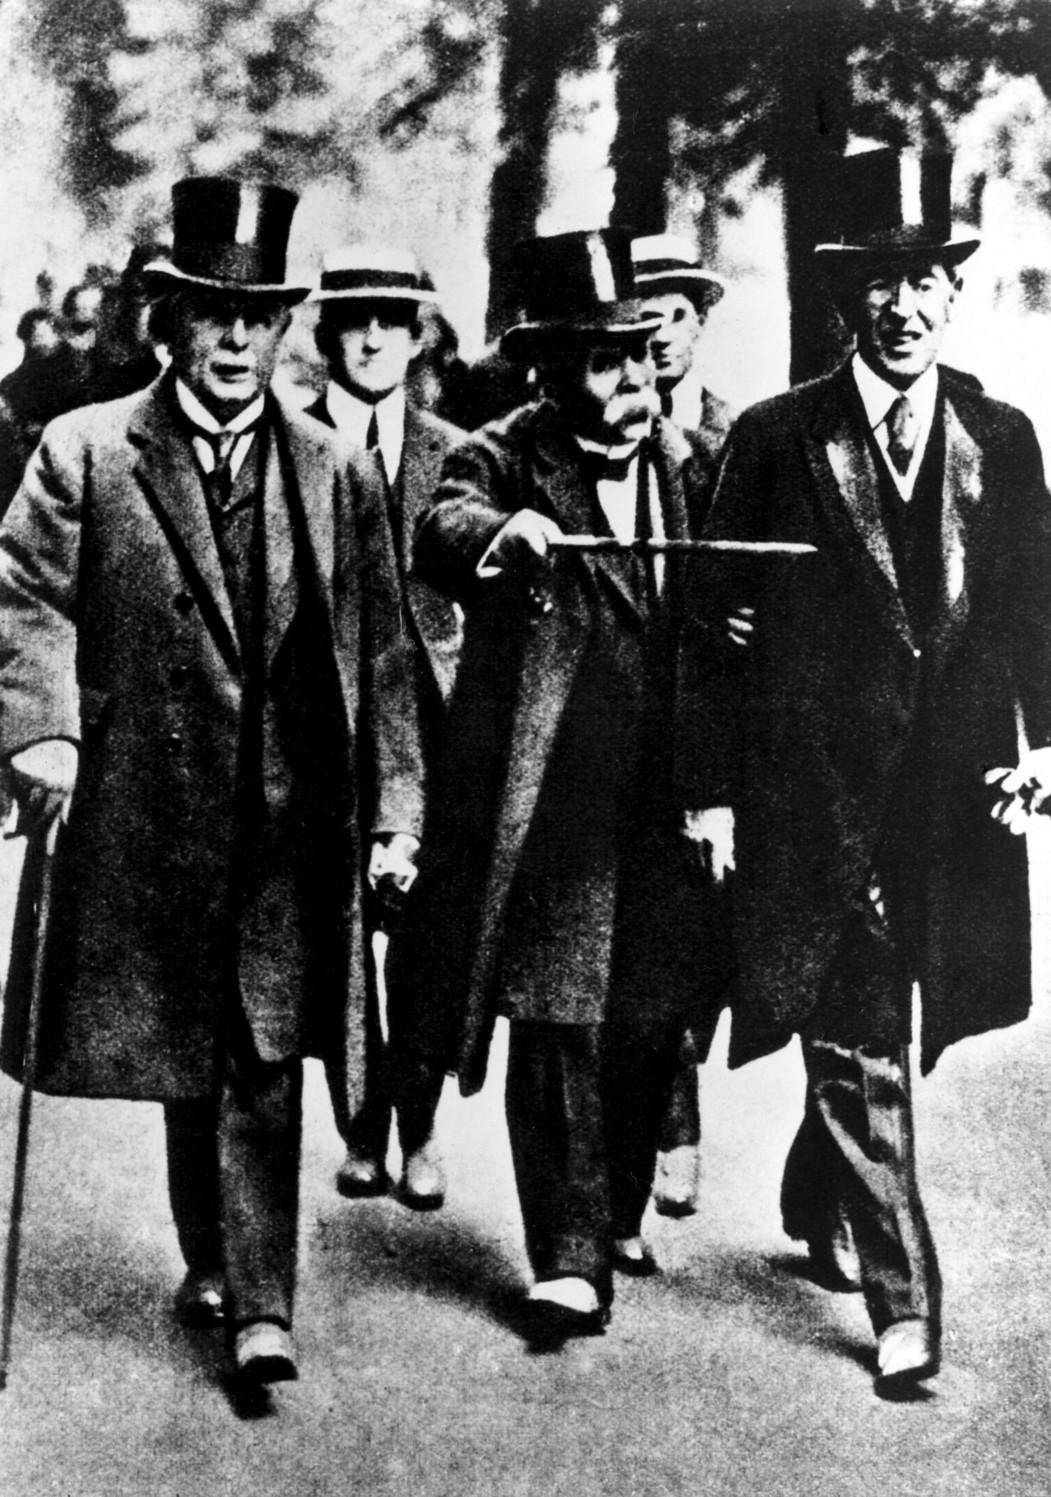 Lloyd George, Clemenceau és Wilson mennek 1919. május 7-én a versailles-i Trianon palota felé, ahol ezen a napon kezdték meg a versailles-i békeszerződés tárgyalását (Fotó: MTI, 1919)